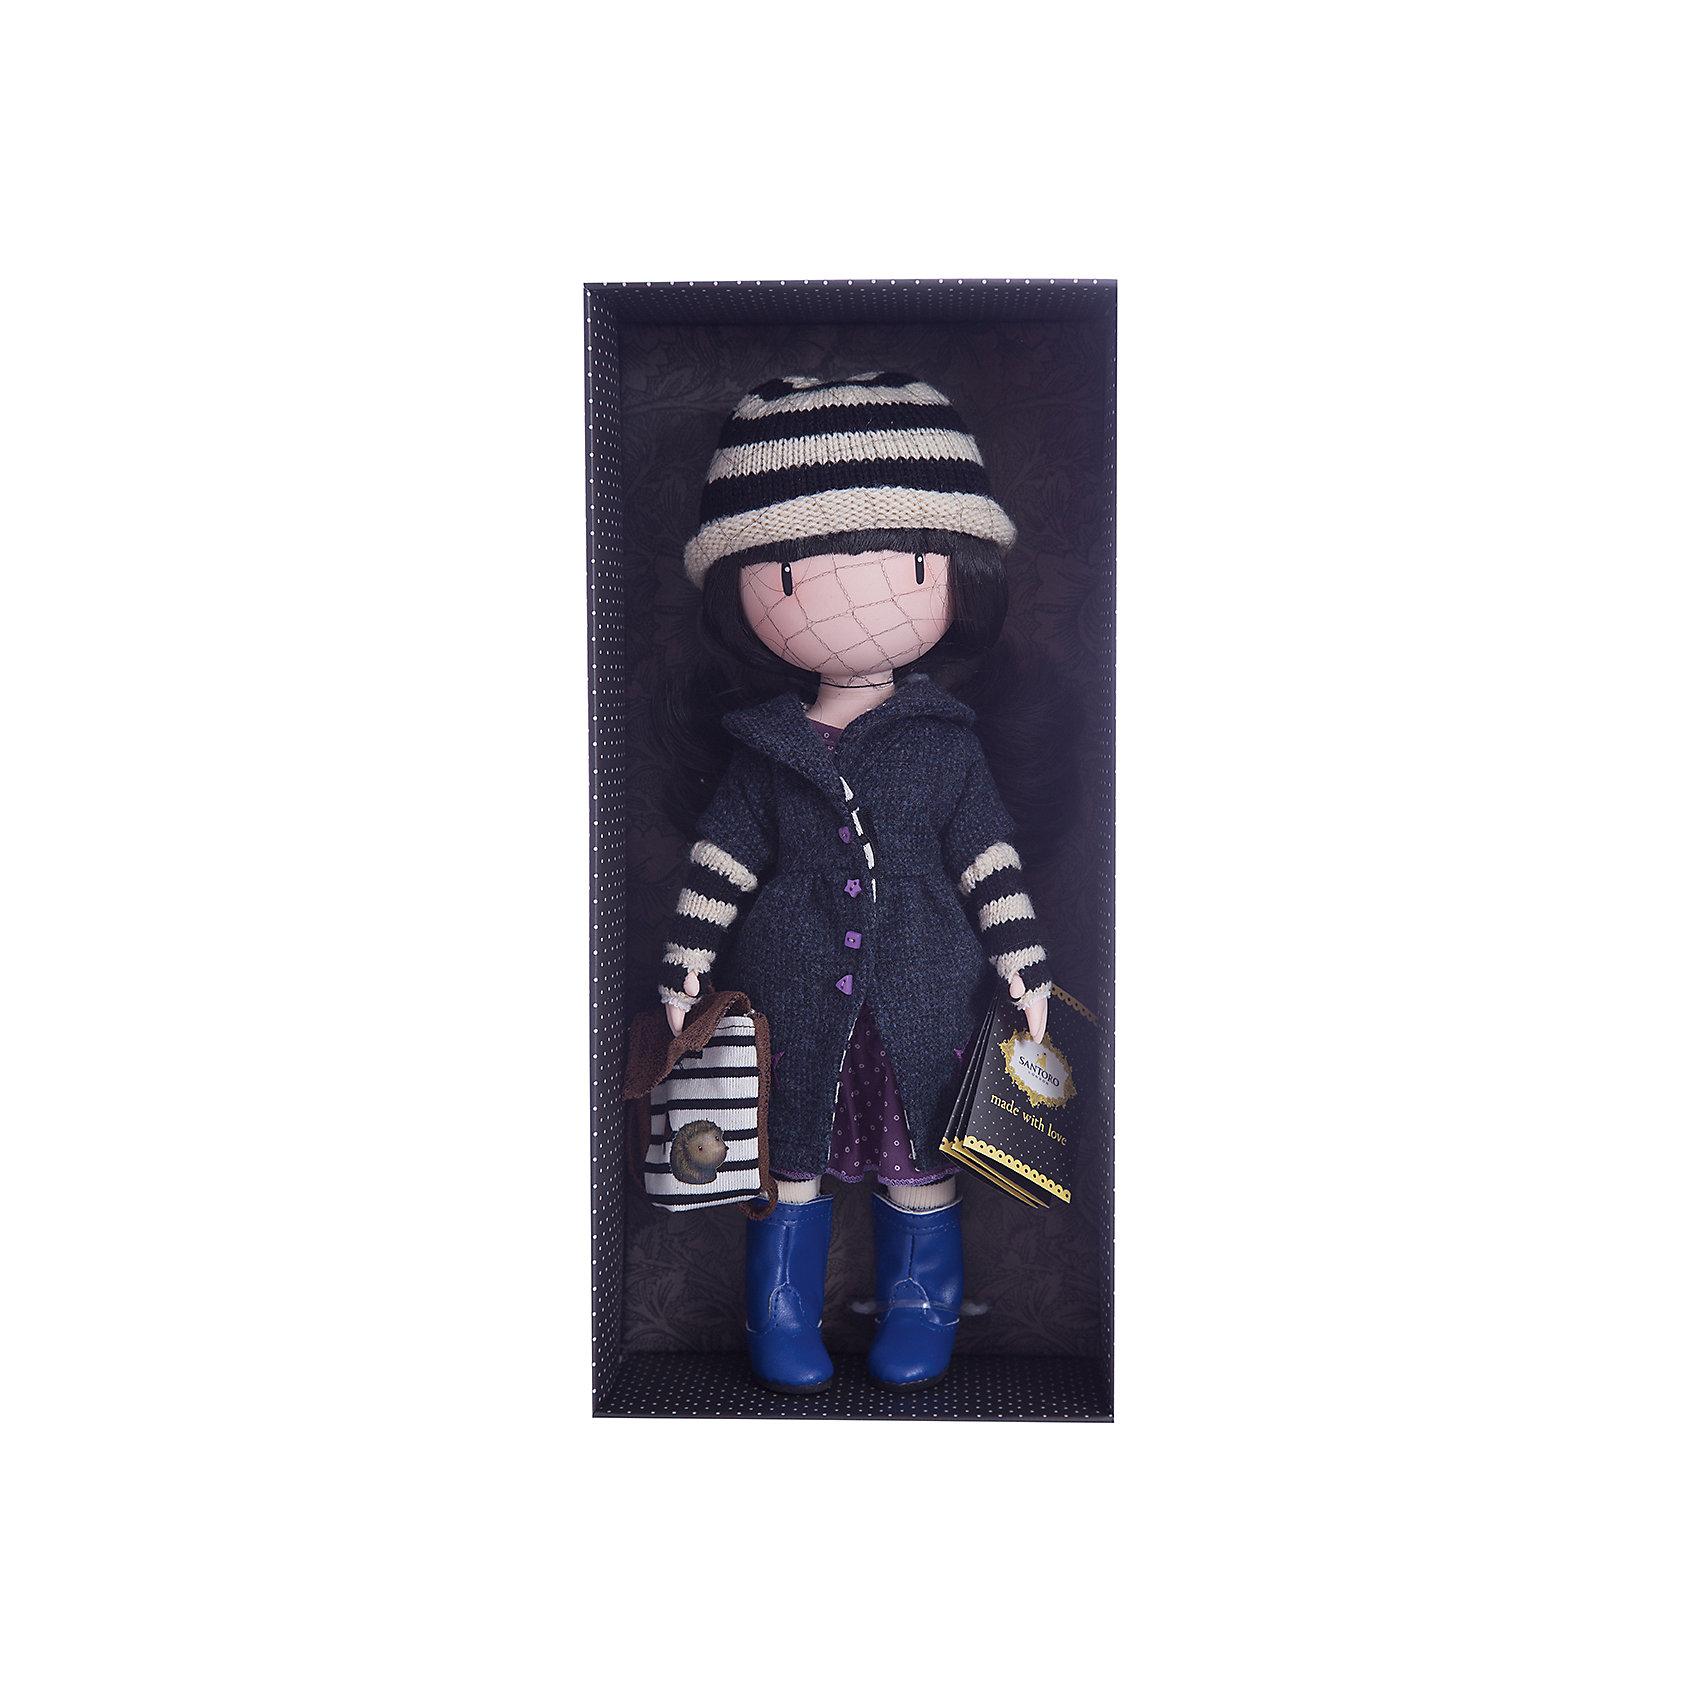 Кукла Горджусс Поганка, 32 см, Paola ReinaКлассические куклы<br>Кукла Горджусс Поганка, 32 см, Paola Reina.<br><br>Характеристики:<br><br>• Для детей в возрасте: от 3 лет<br>• В комплекте: кукла, рюкзак, брошюра<br>• Высота куклы: 32 см.<br>• Материалы: кукла изготовлена из винила; глаза выполнены в виде кристалла из твердого пластика; волосы сделаны из высококачественного нейлона; наряд выполнен из качественного текстиля<br>• Упаковка: подарочная картонная коробка с окошком<br><br>Кукла Горджусс Поганка - это уникальная кукла, созданная по образу, который придумала известная художница из Шотландии – Сюзанн Вулкон. Кукла станет любимой подружкой для каждой девочки, а также желанным экспонатом для коллекционера. <br><br>Кукла одета в лиловое платье и темно-синее пальто с изящными пуговичками. На ногах - яркие сапожки и белые колготки, на голове полосатая шапочка. Образ куклы дополнен коричневым рюкзачком с изображением ежа. Наряд куклы при необходимости можно снять. Длинные темные волосы куклы из высококачественного нейлона блестят, легко расчесываются. <br><br>На лице куклы только глаза и лёгкий румянец — так ей проще стать отражением настроения ребёнка. Ведь этот образ уже сам по себе иллюстрация эмоций. Подобный стиль открывает простор для фантазии — нос, рот и брови можно додумать самостоятельно! <br><br>Кукла имеет пропорциональное телосложение. Голова, руки и ноги подвижны. Тело куклы выполнено из приятного на ощупь высококачественного винила, который имеет лёгкий аромат «английского сада» с нотками жимолости и розы.<br><br>Материалы, из которых изготовлена кукла, прошли все необходимые проверки на безопасность для детей. Качество подтверждено нормами безопасности EN17 ЕЭС. Дополнительно в комплекте с куклой предусмотрена информационная иллюстрированная брошюра.<br><br>Куклу Горджусс Поганка, 32 см, Paola Reina можно купить в нашем интернет-магазине.<br><br>Ширина мм: 375<br>Глубина мм: 175<br>Высота мм: 105<br>Вес г: 820<br>Возраст от месяцев: 36<br>Возраст до